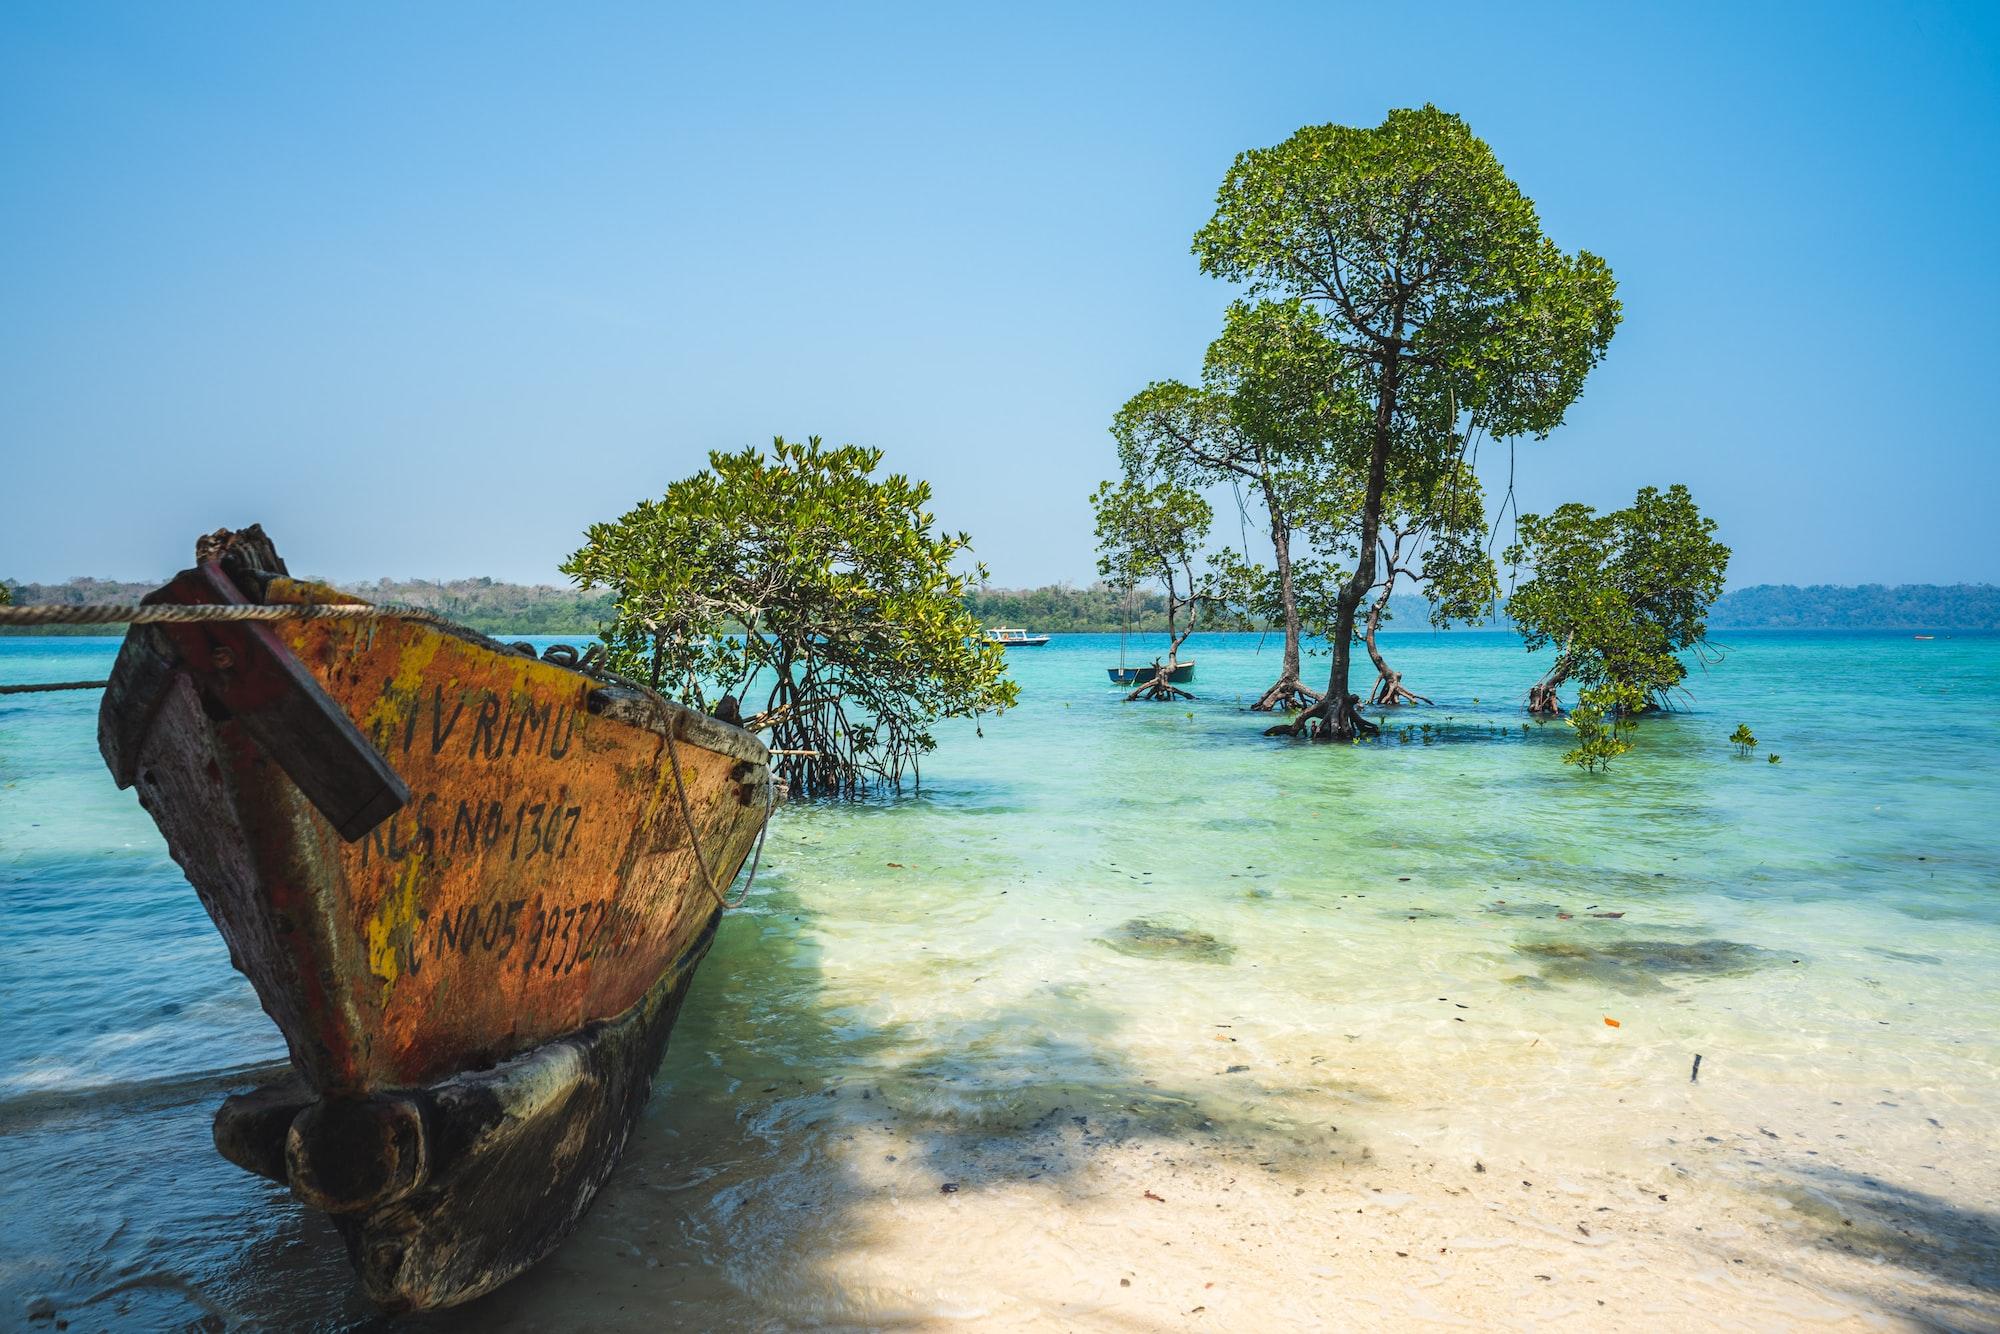 Amazing Islands before Coronavirus got bad. Instagram: @Tatonomusic